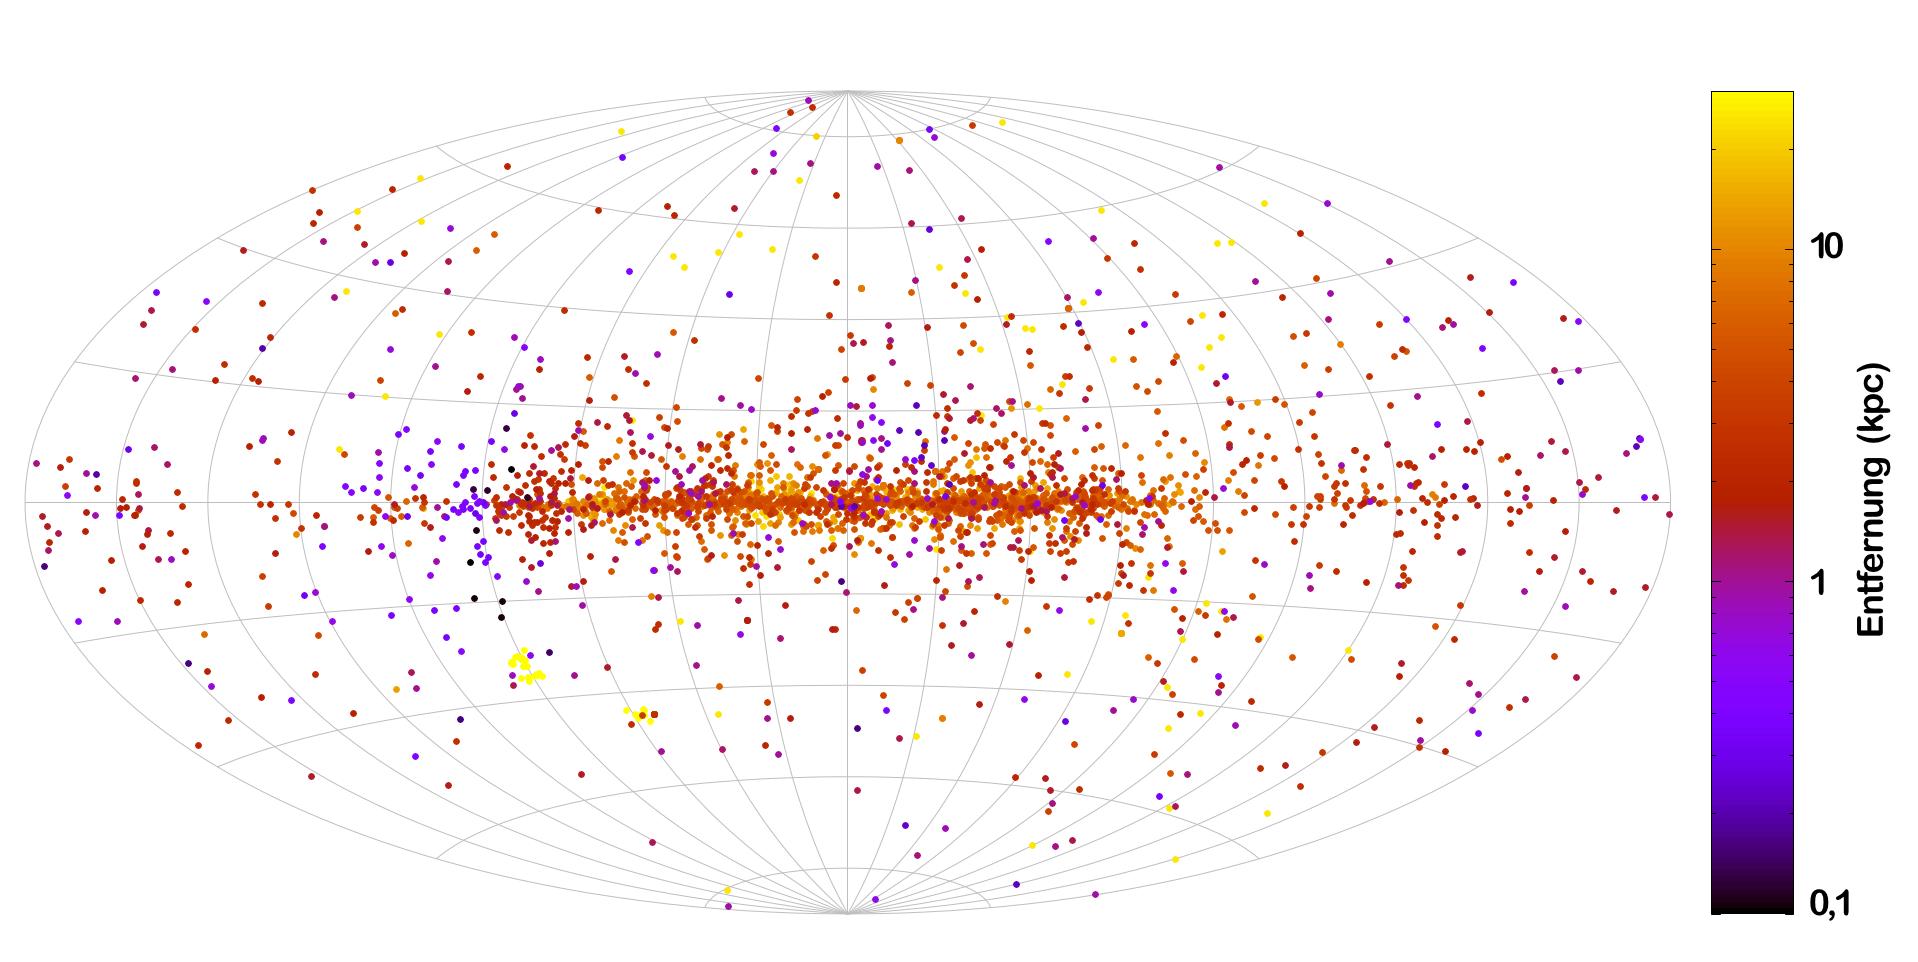 Bunte Punkte zeigen auf einem Raster in Himmelskoordinaten die Positionen bekannter Pulsare an. Die Farbe zeigt dabei die Entfernung an.